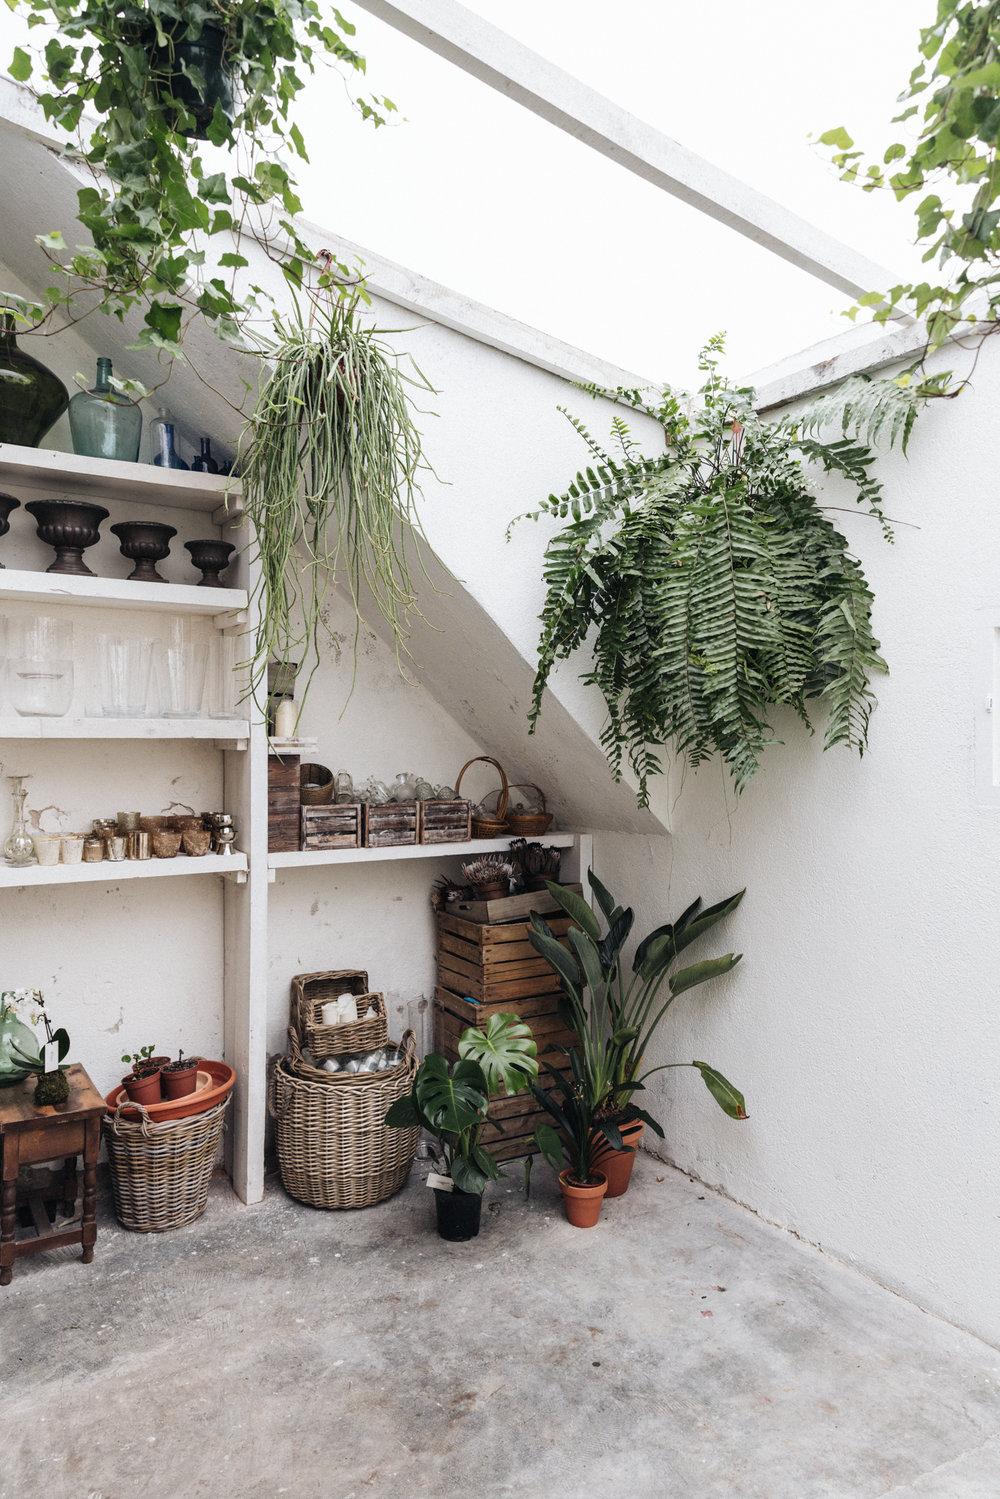 Espacio de planta cuadrada y techo abierto del que cuelgan numerosas plantas. Contamos con luz natural todo el día. Siempre que haya luz, nosotros disfrutamos de ella. - 45 metros cuadrados.Una gran mesa central de trabajo en madera.